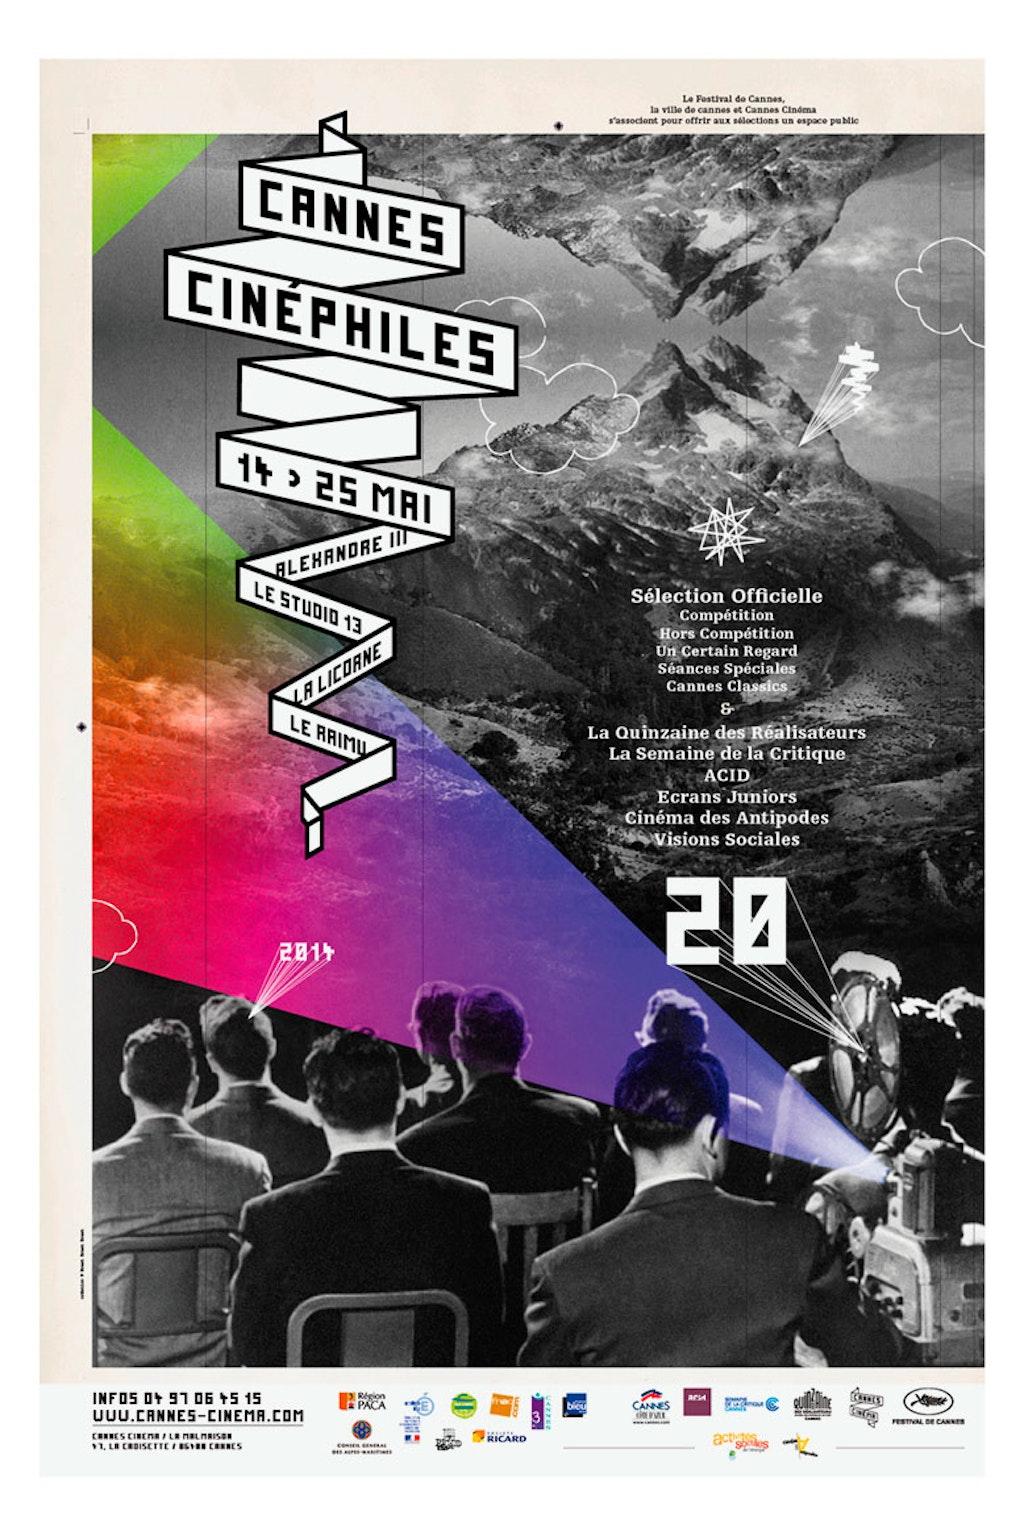 Cannes Cinéphiles 2014